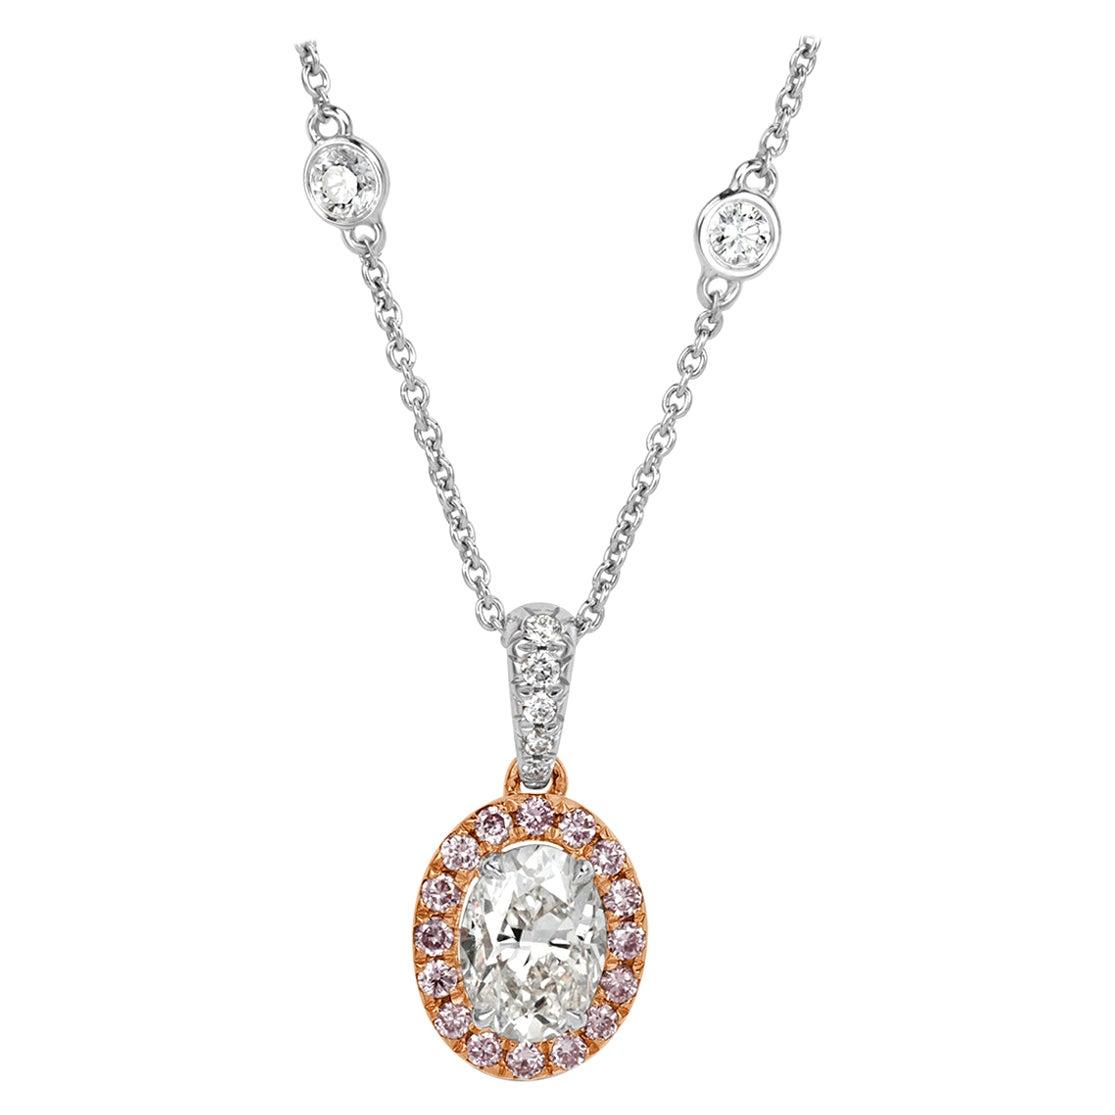 Mark Broumand 1.60 Carat Oval Cut Fancy Pink Diamond Halo Pendant